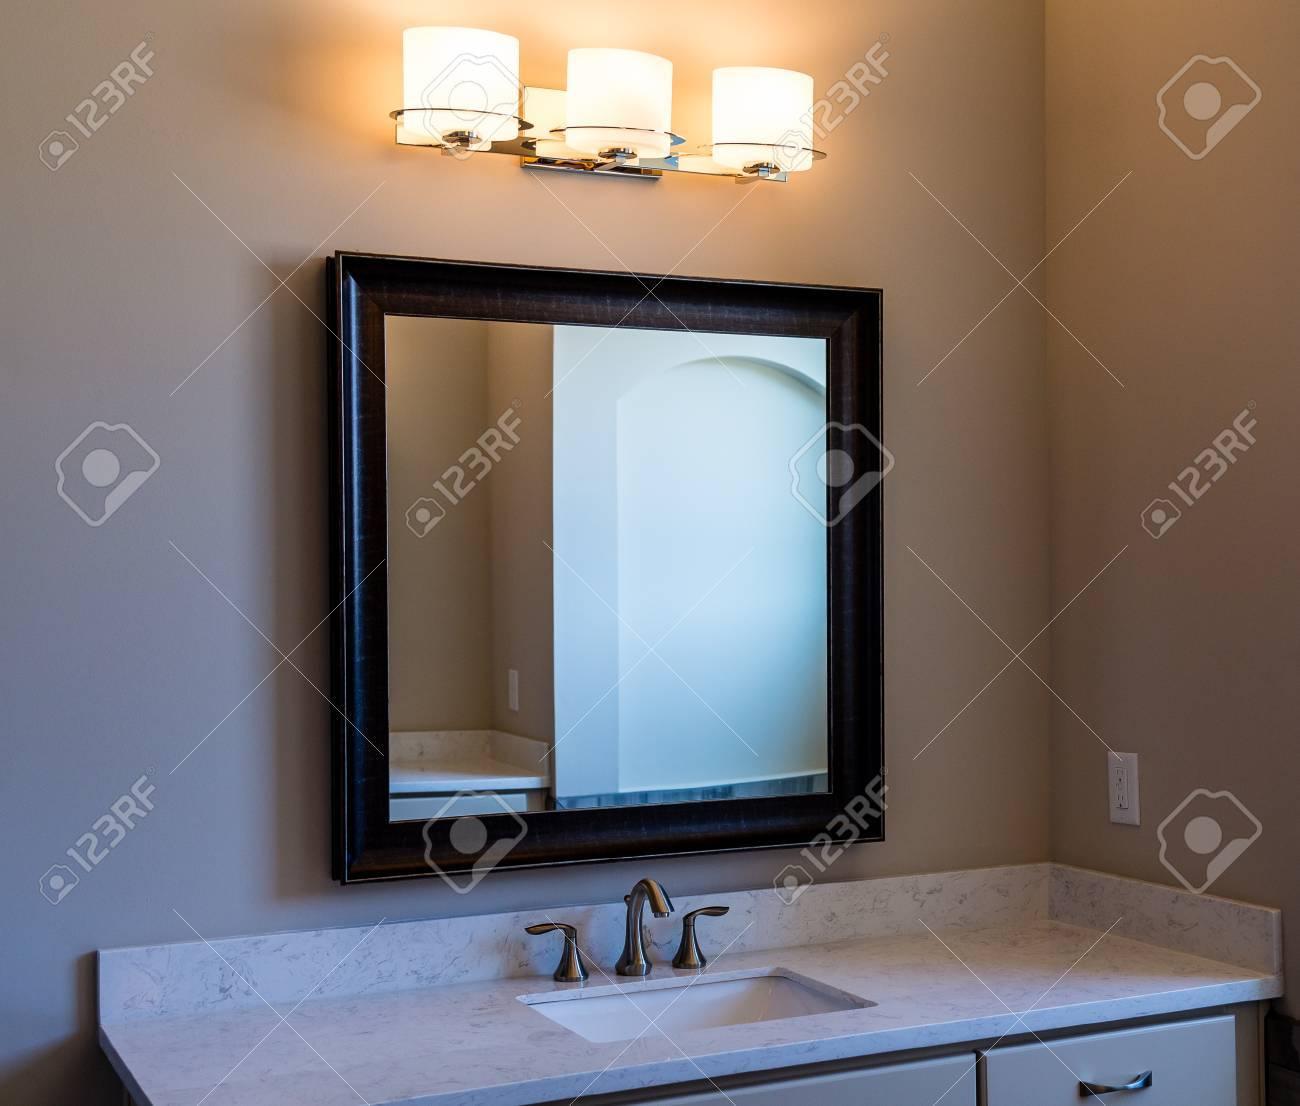 Un bagno moderno con Specchio da toilette e luci